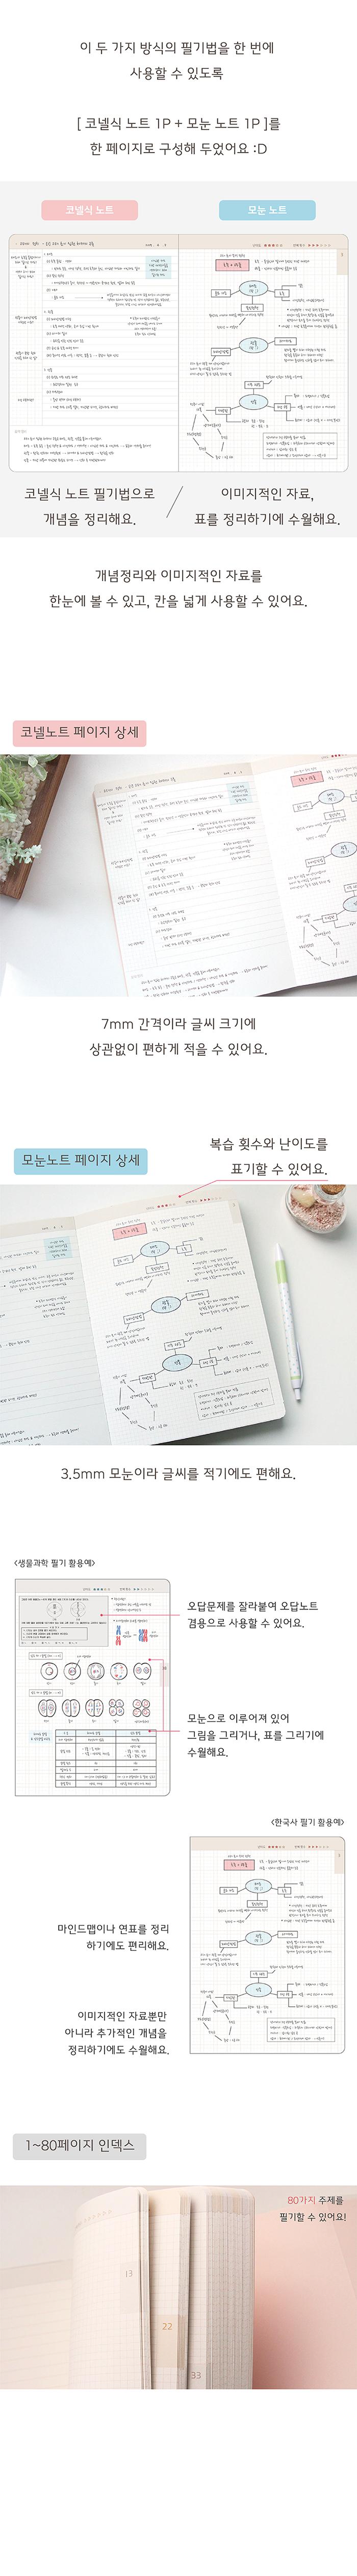 나만의 공부노트V2 (코넬식+모눈) - 플레플레, 10,000원, 플래너, 스터디플래너